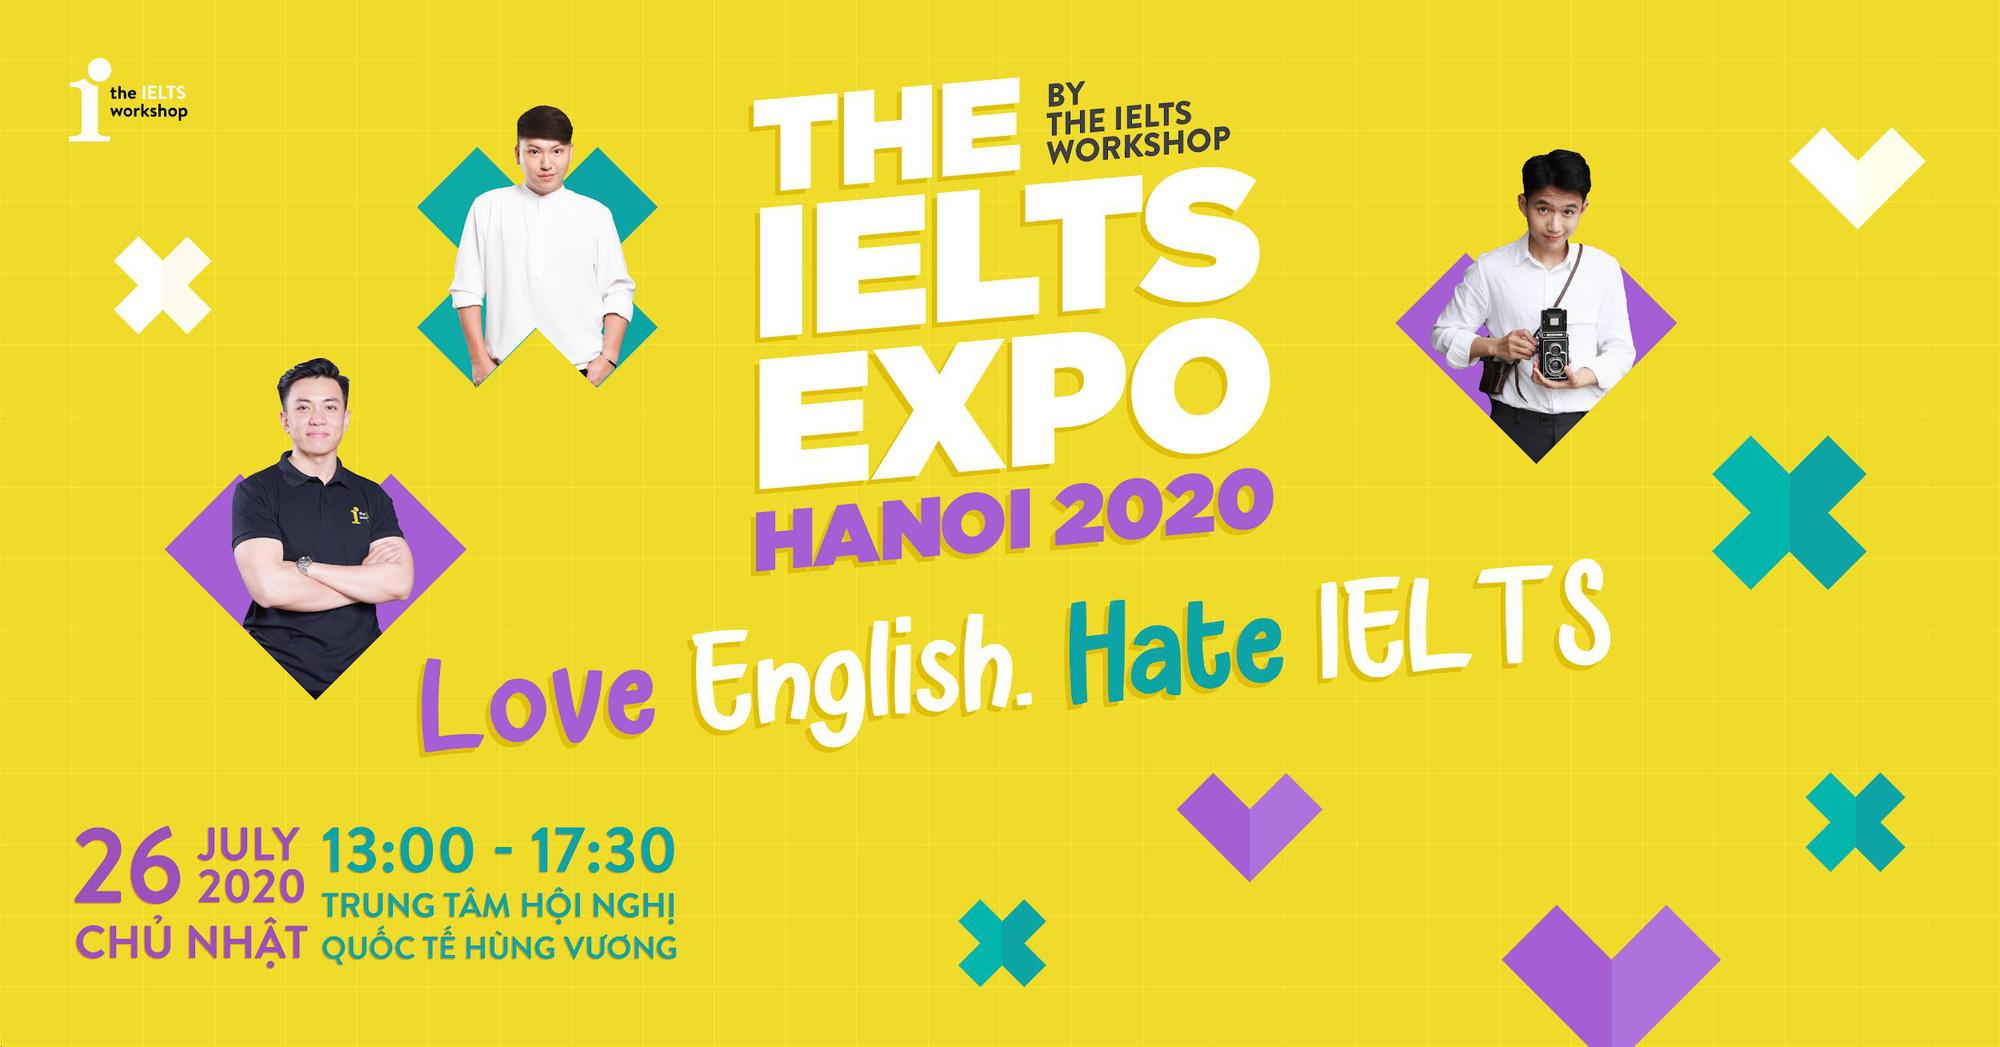 Sự kiện đình đám The IELTS EXPO của The IELTS Workshop tái xuất tại Hà Nội - Ảnh 1.